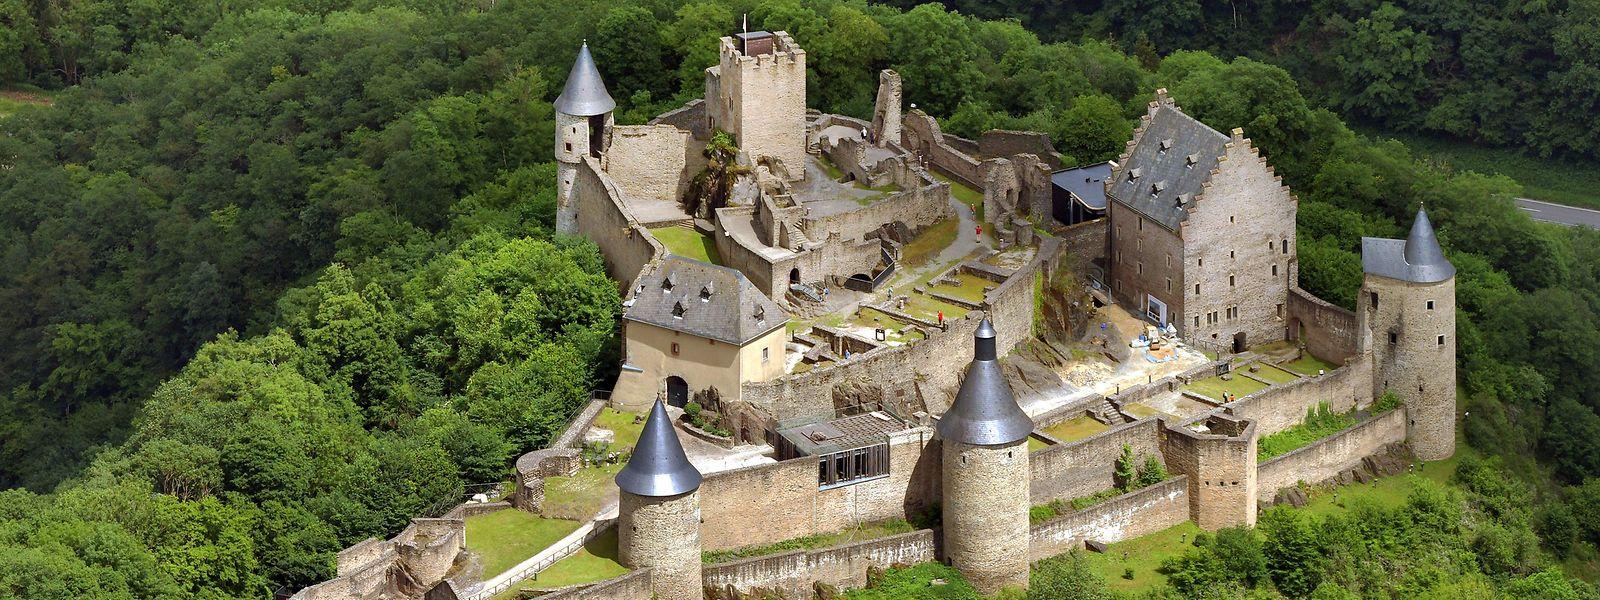 Die Kulturlandschaft in Lothringen, Luxemburg und im Saarland zeichnet sich durch einen Bestand von mehr als 200 Burgen, Festungen und Schlössern aus. Hier zu sehen Burg Bourscheid.